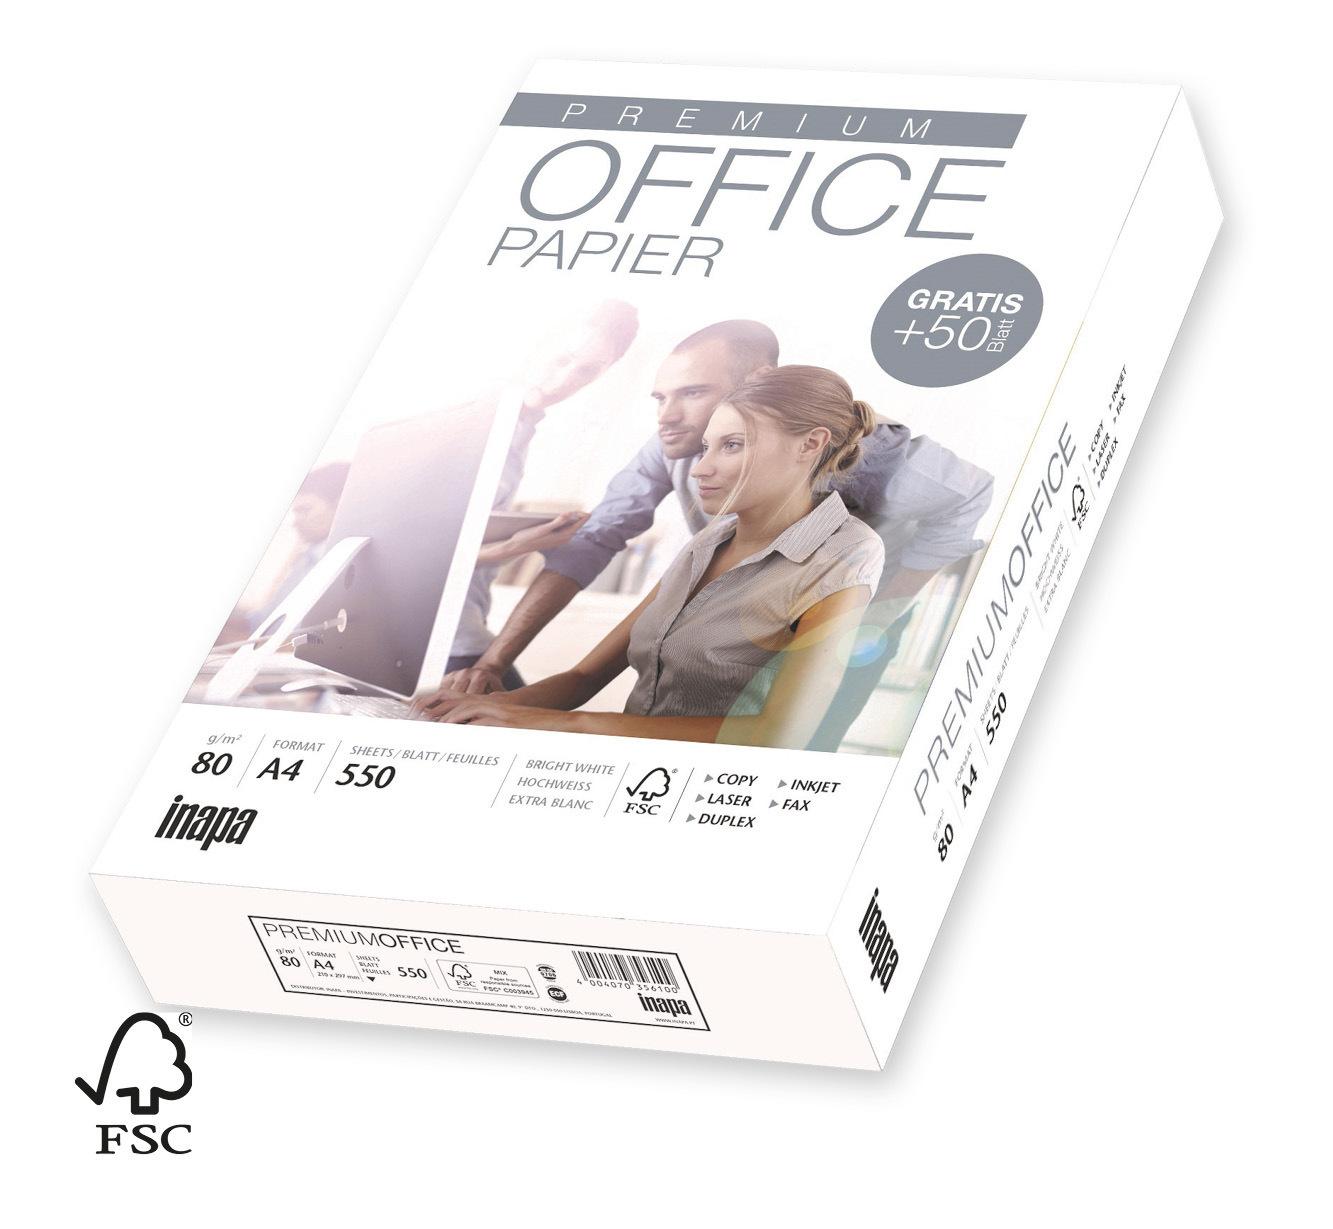 Premium Office Papier